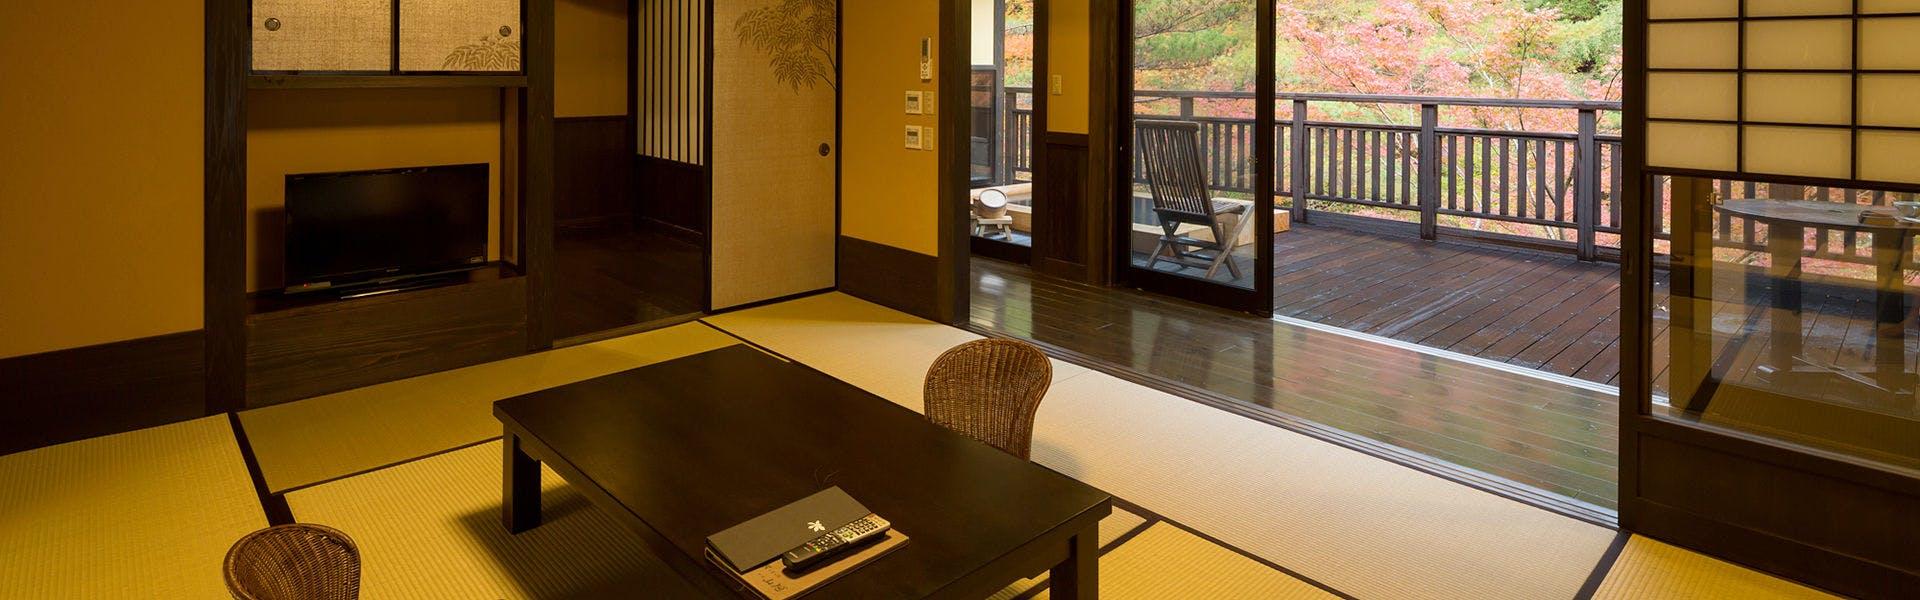 記念日におすすめのホテル・黒川温泉 旅館 山河の写真2